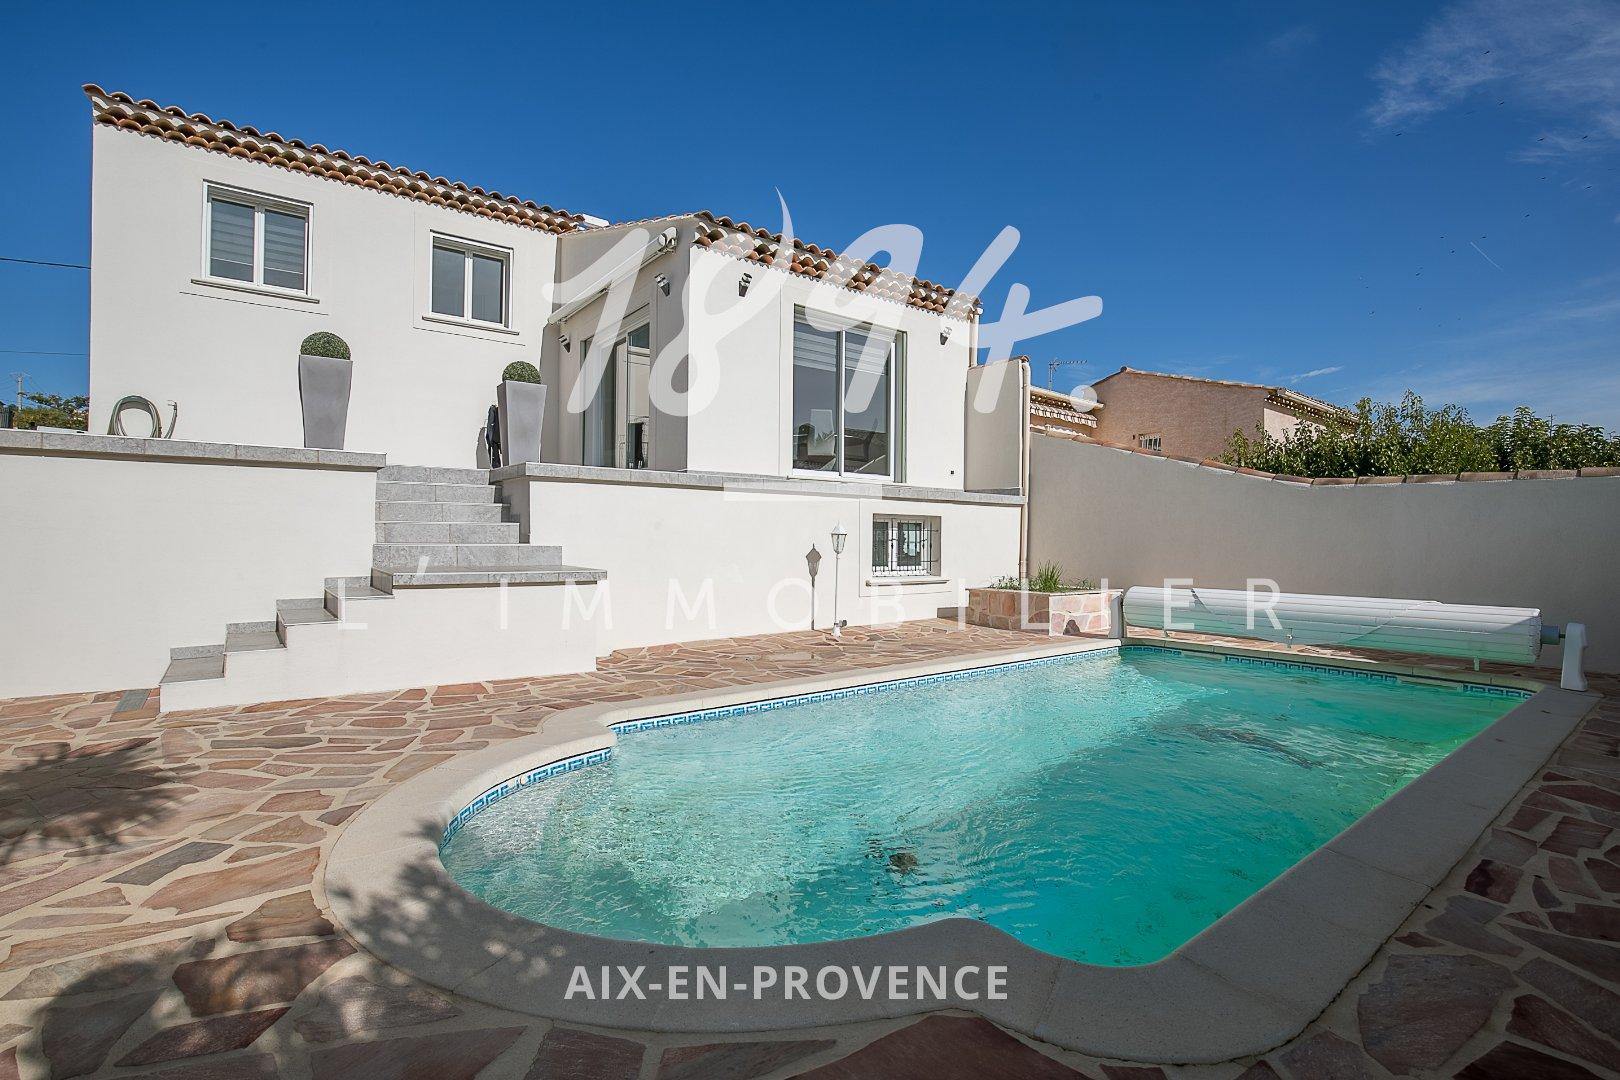 Villa contemporaine de type 5/6 de 110m2 sur un terrain de 375m2 avec piscine, pool house et double garage.